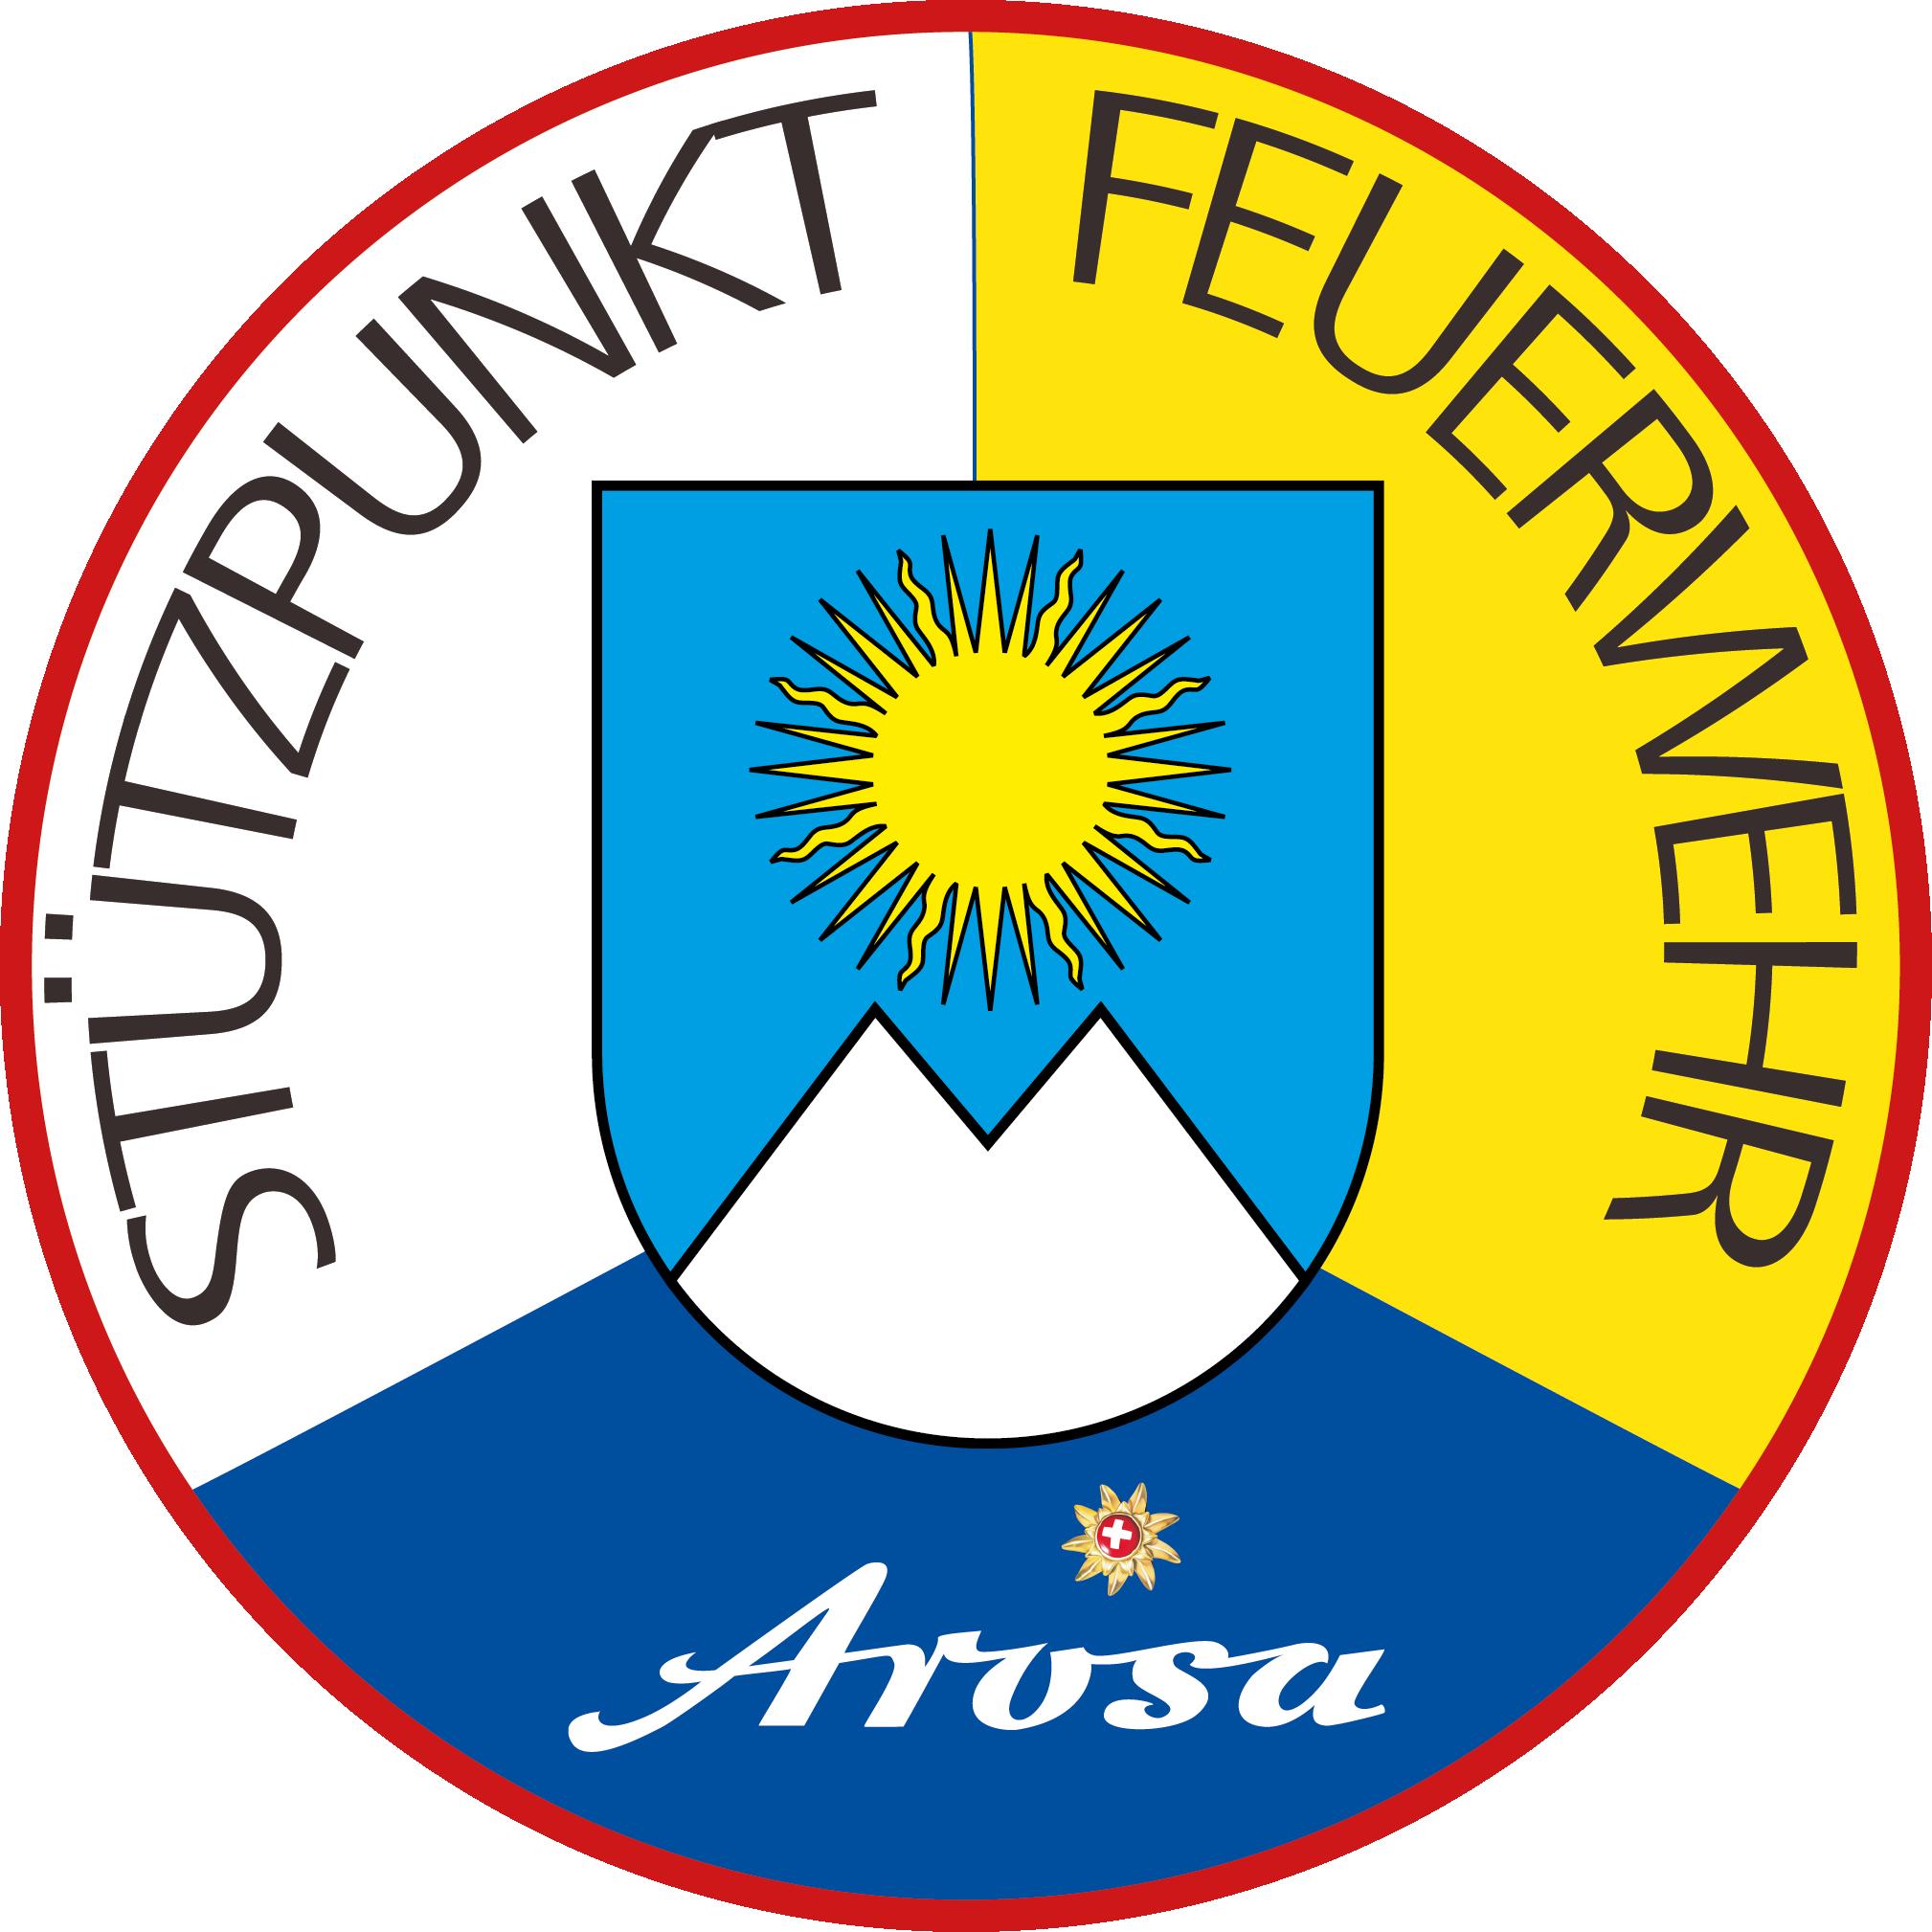 Stützpunktfeuerwehr Arosa